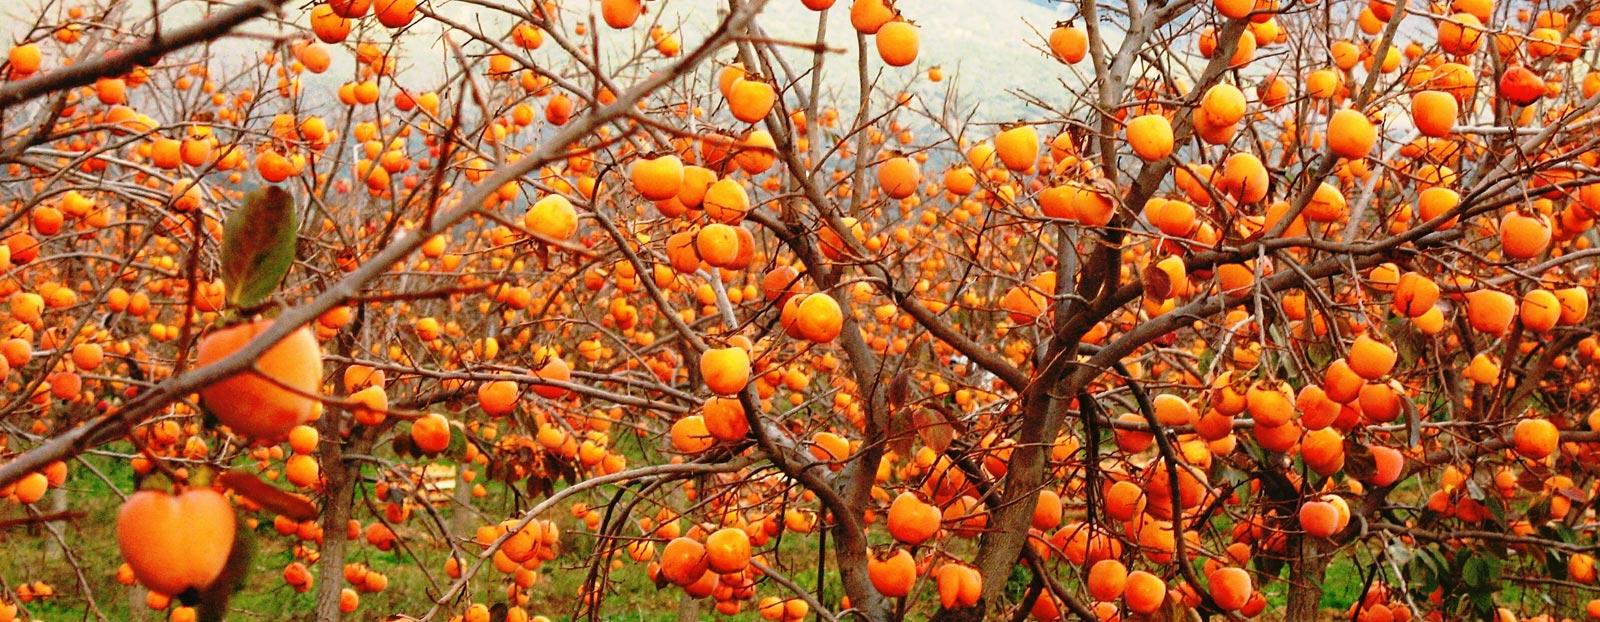 在自然栖息地生长着的柿子